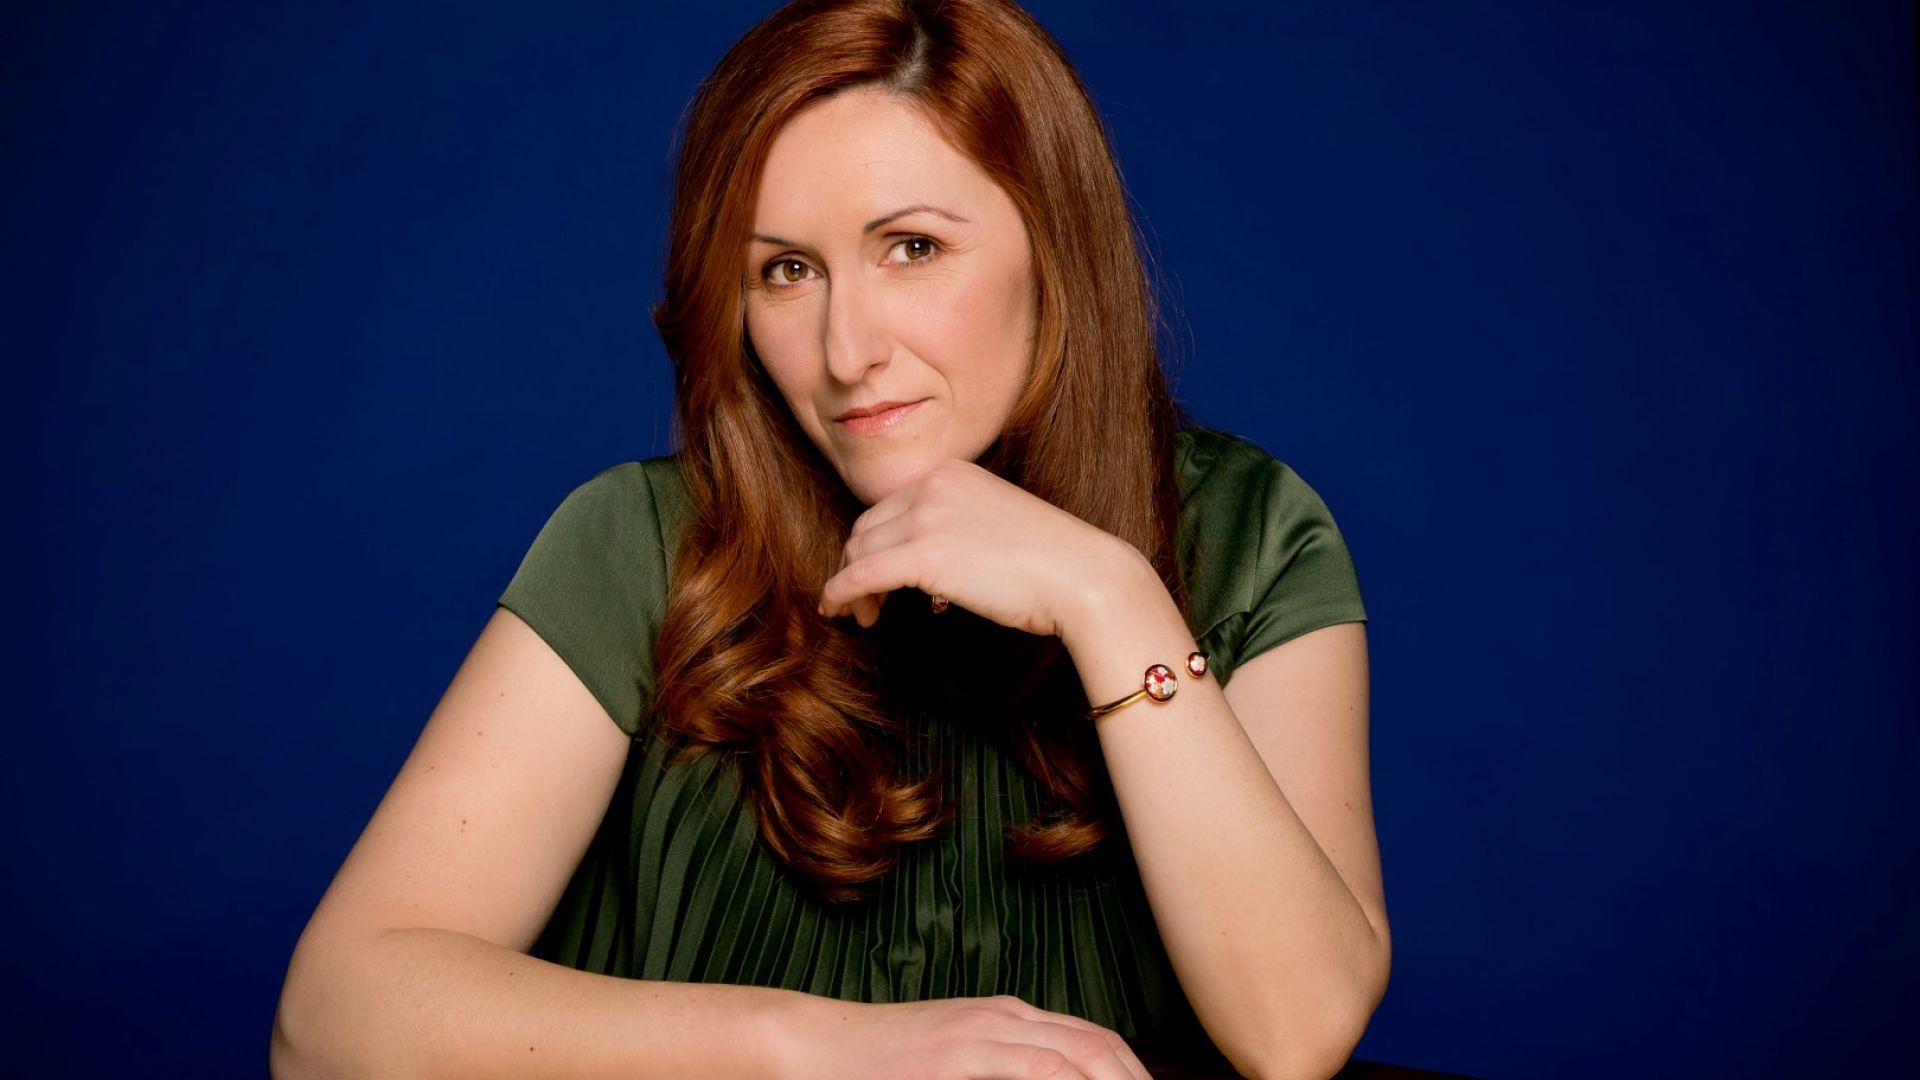 """Екатерина е един от лекторите в конференцията """"She's the ONE"""", която ще се преведе на 28 март в Клуб 1 на НДК"""